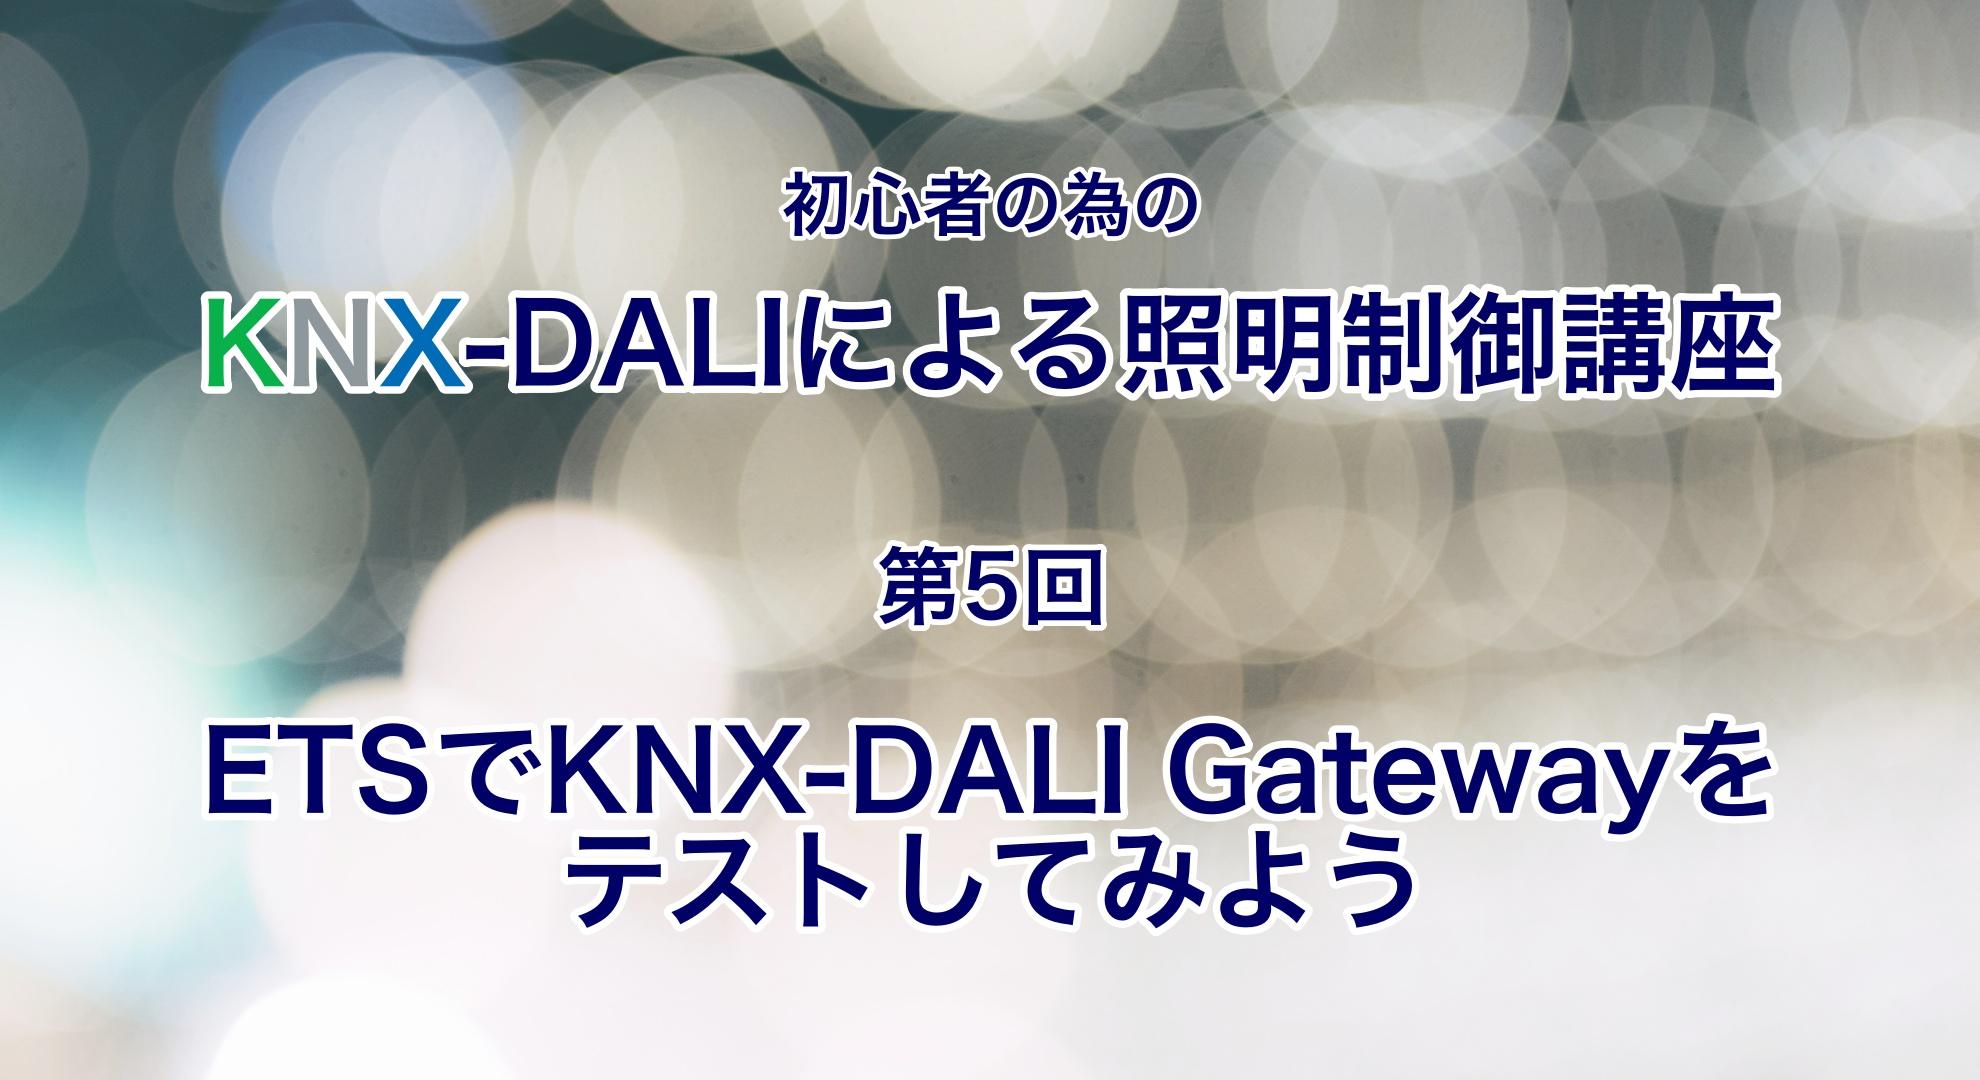 第5回 ETSでKNX-DALI Gatewayをテストしてみよう/初心者の為のKNX-DALIによる照明制御講座